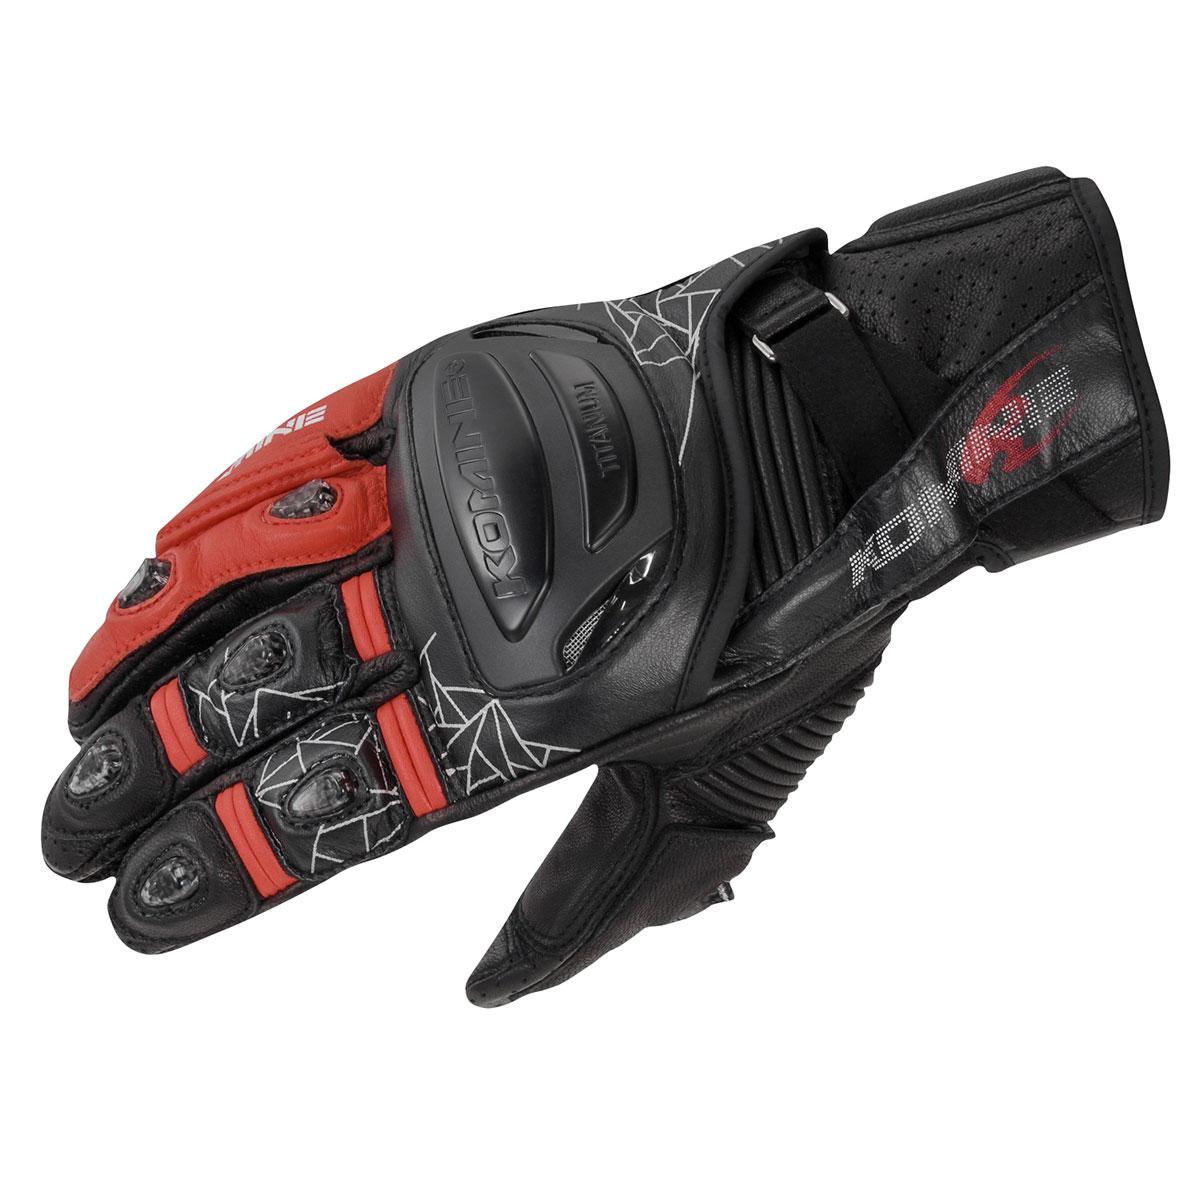 コミネ Komine バイク用 グローブ Gloves GK-236 チタニウムスポーツグローブ RD XLサイズ 特売 ブラック XL 注文後の変更キャンセル返品 06-236 BK レッド